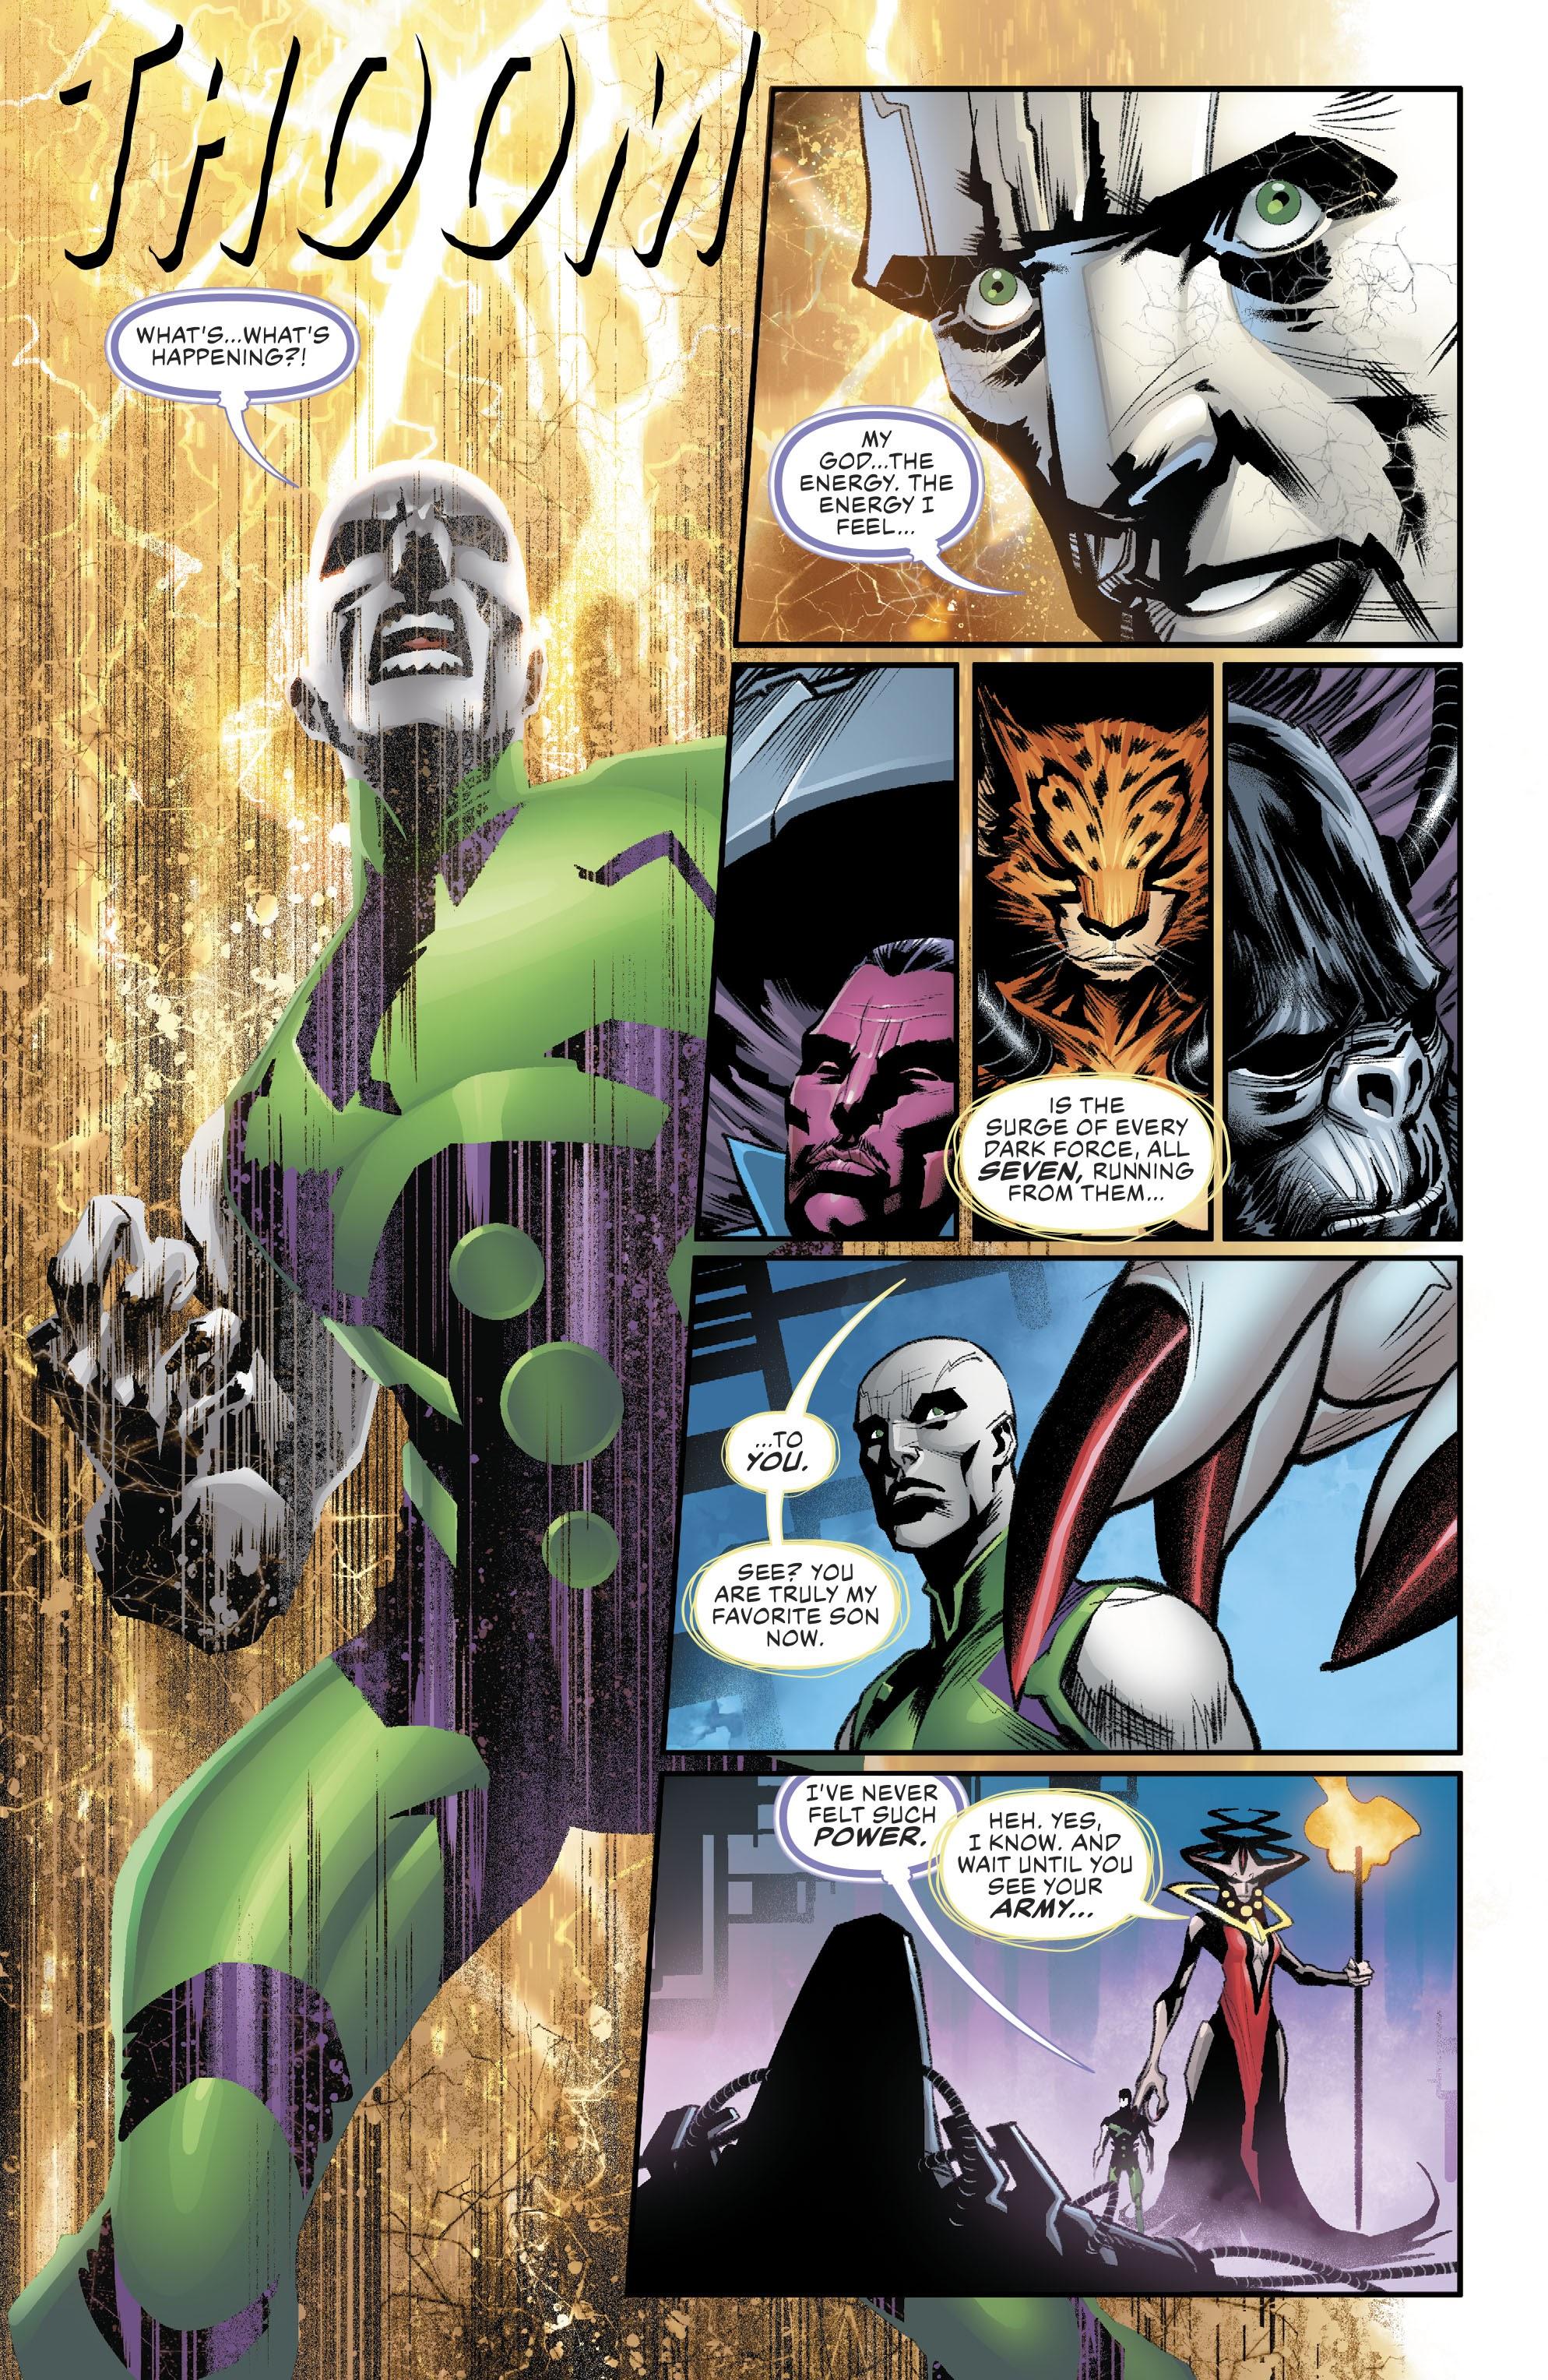 【DC宇宙相關】蝙蝠俠的另一項祕密武器居然是正義聯盟基地所變成的戰艦!